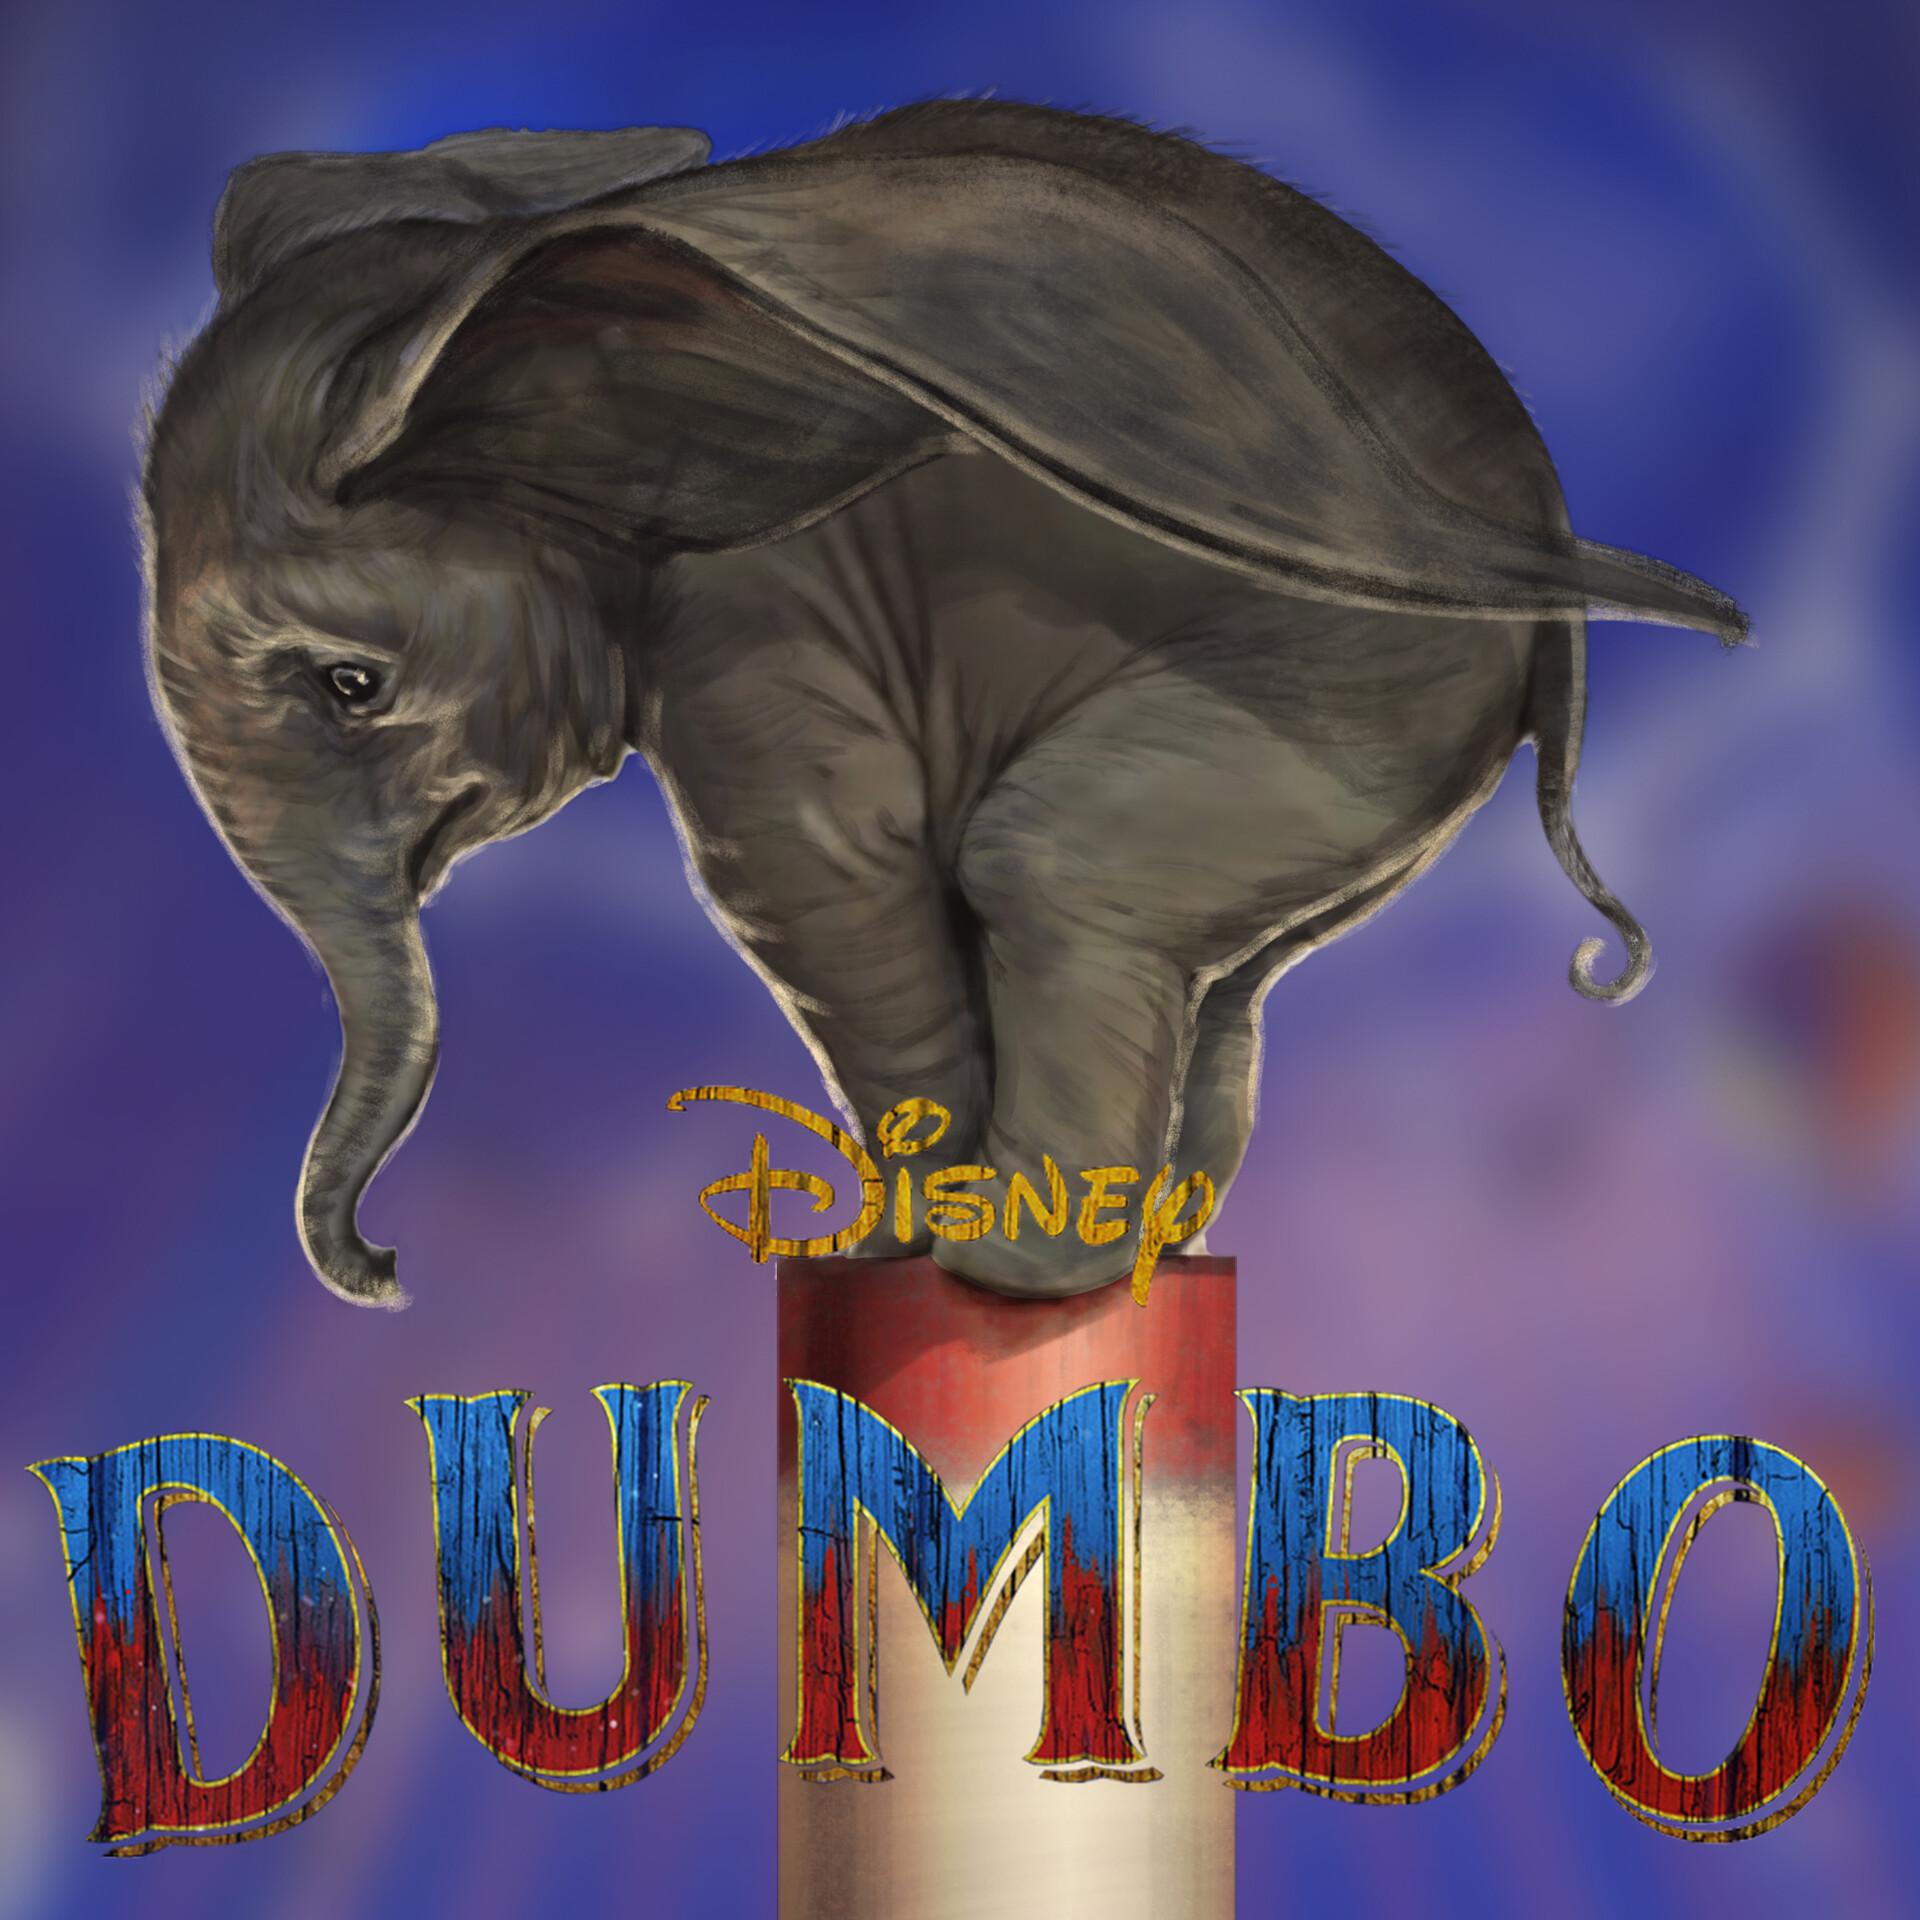 Artstation Dumbo 2019 Disney Karl Lindberg